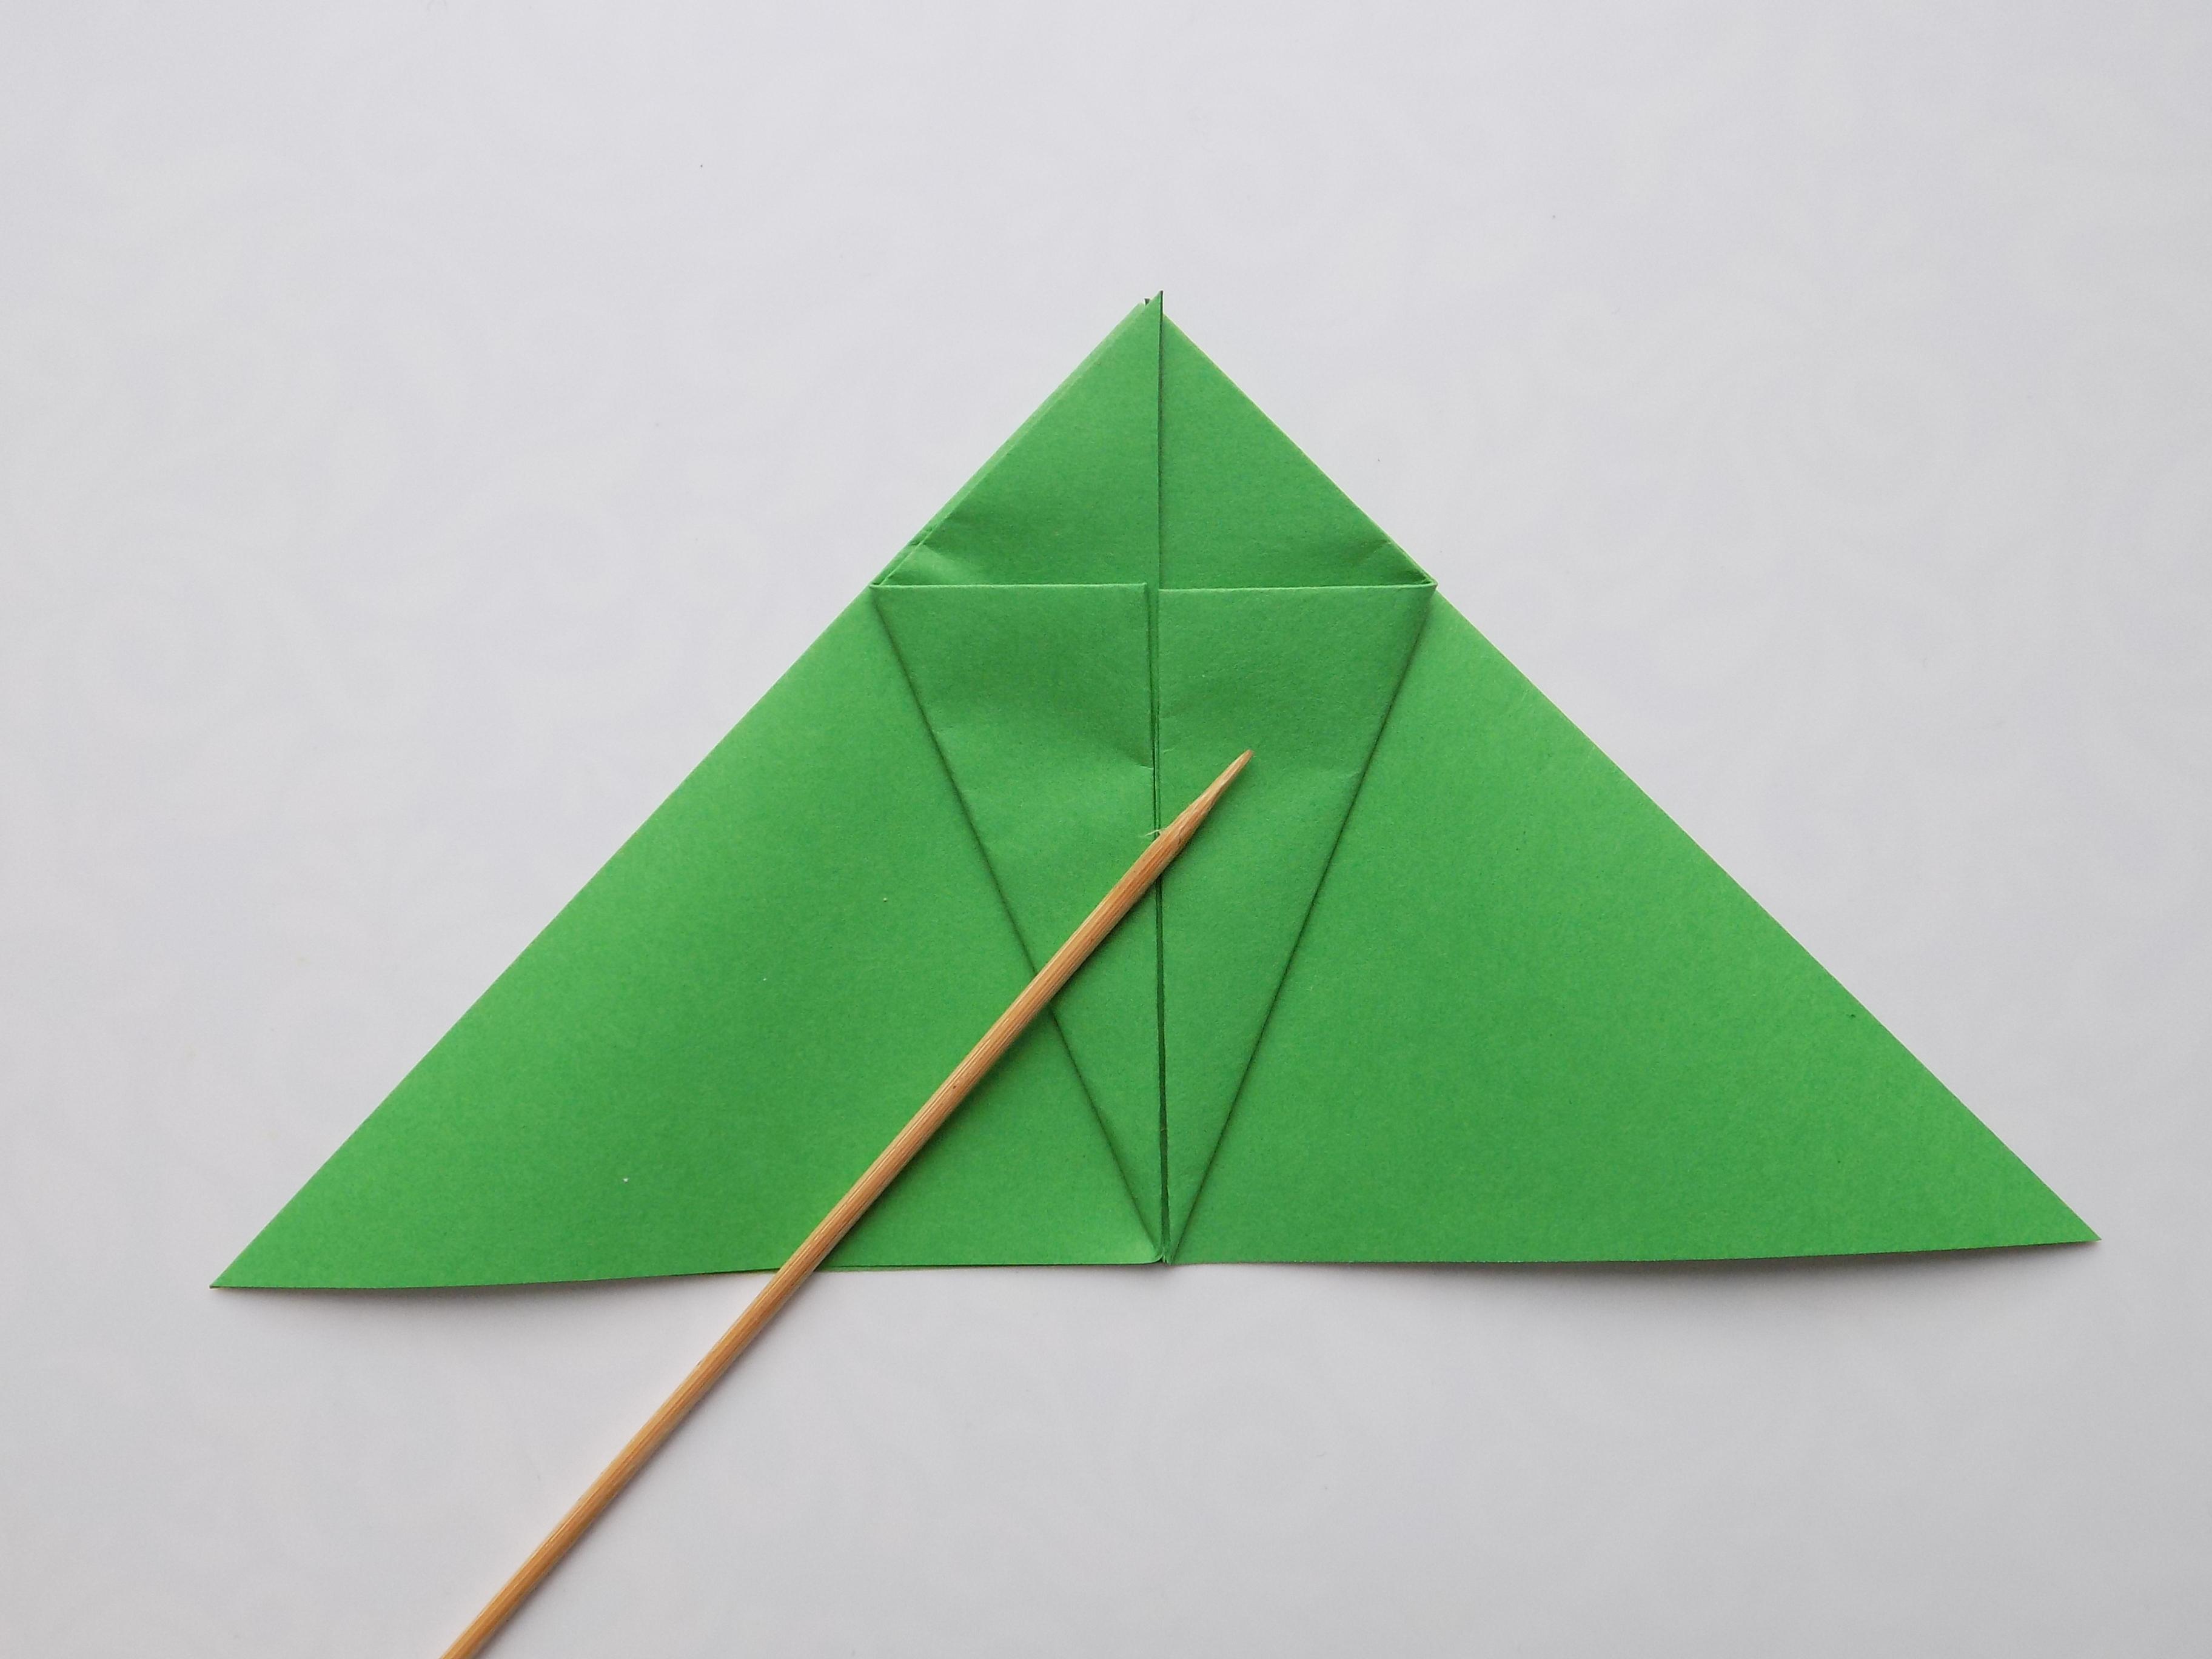 Как сделать прыгающую лягушку из бумаги?